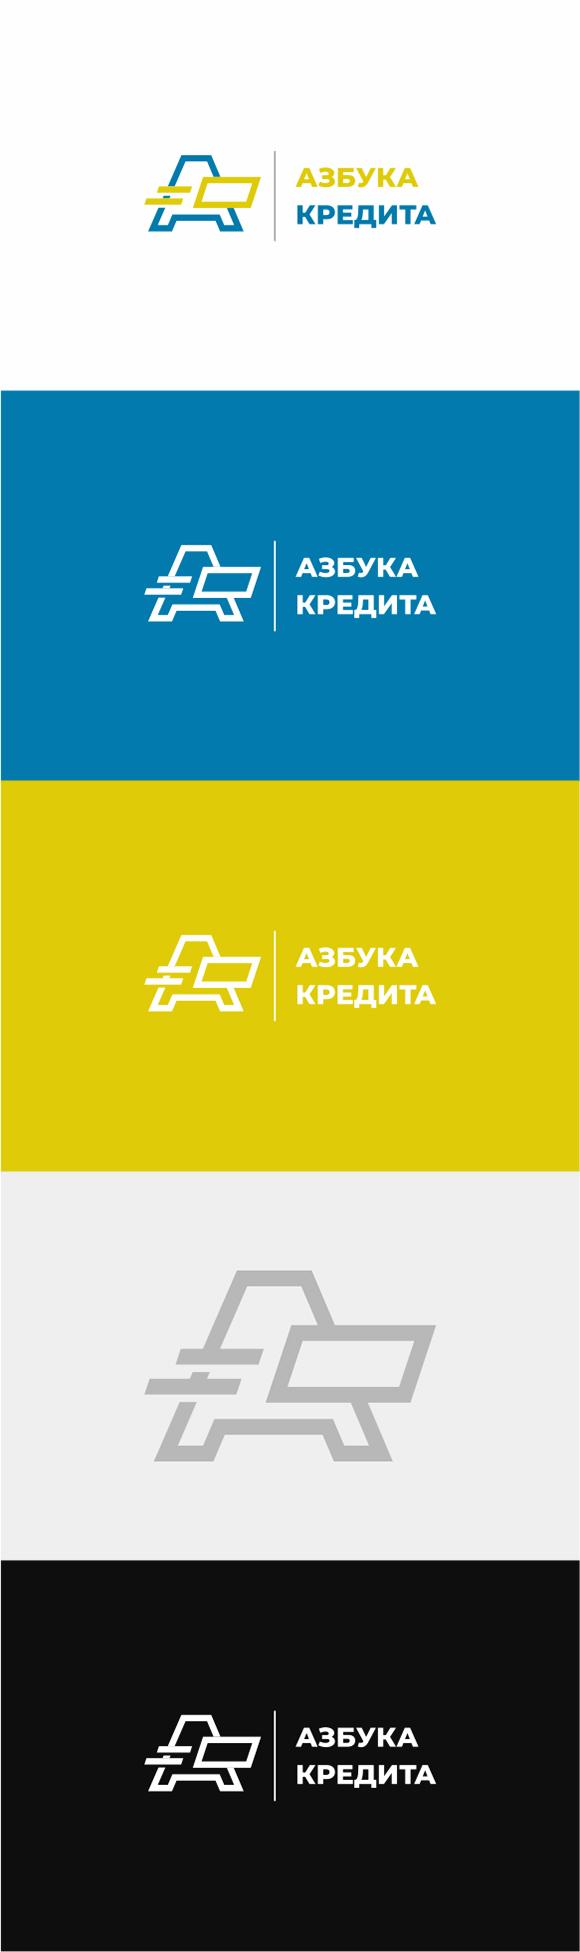 Разработать логотип для финансовой компании фото f_5725df21a9e2cd9f.jpg